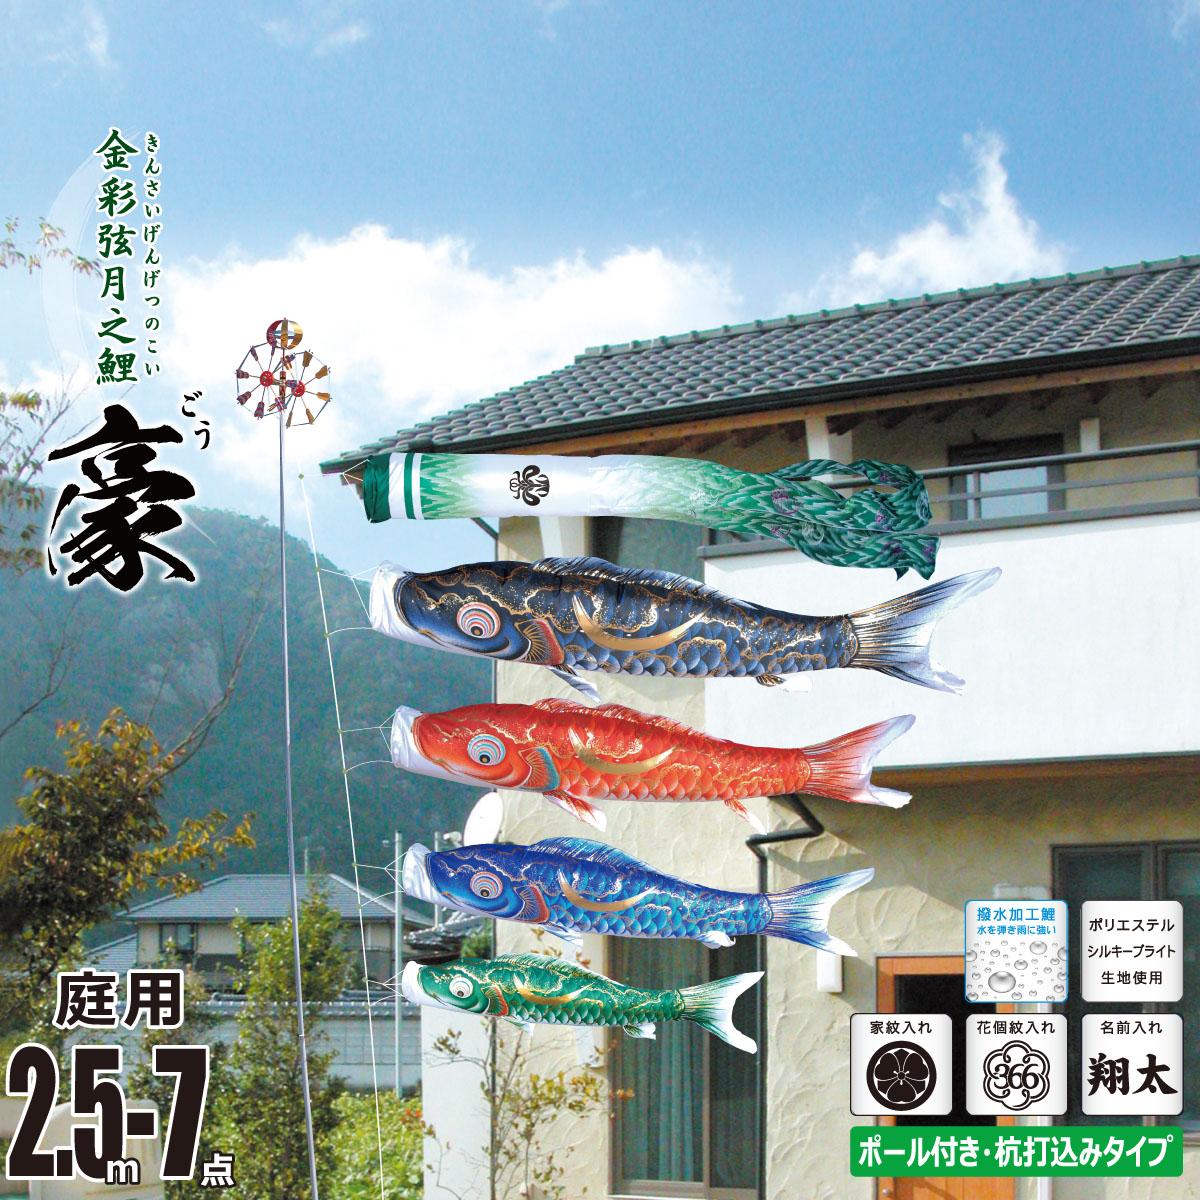 こいのぼり 2.5m 豪(ごう) 7点 (矢車、ロープ、吹流し、鯉4匹) 庭園用 ガーデンセット (専用ポール一式) 徳永鯉のぼり KIT-118-320